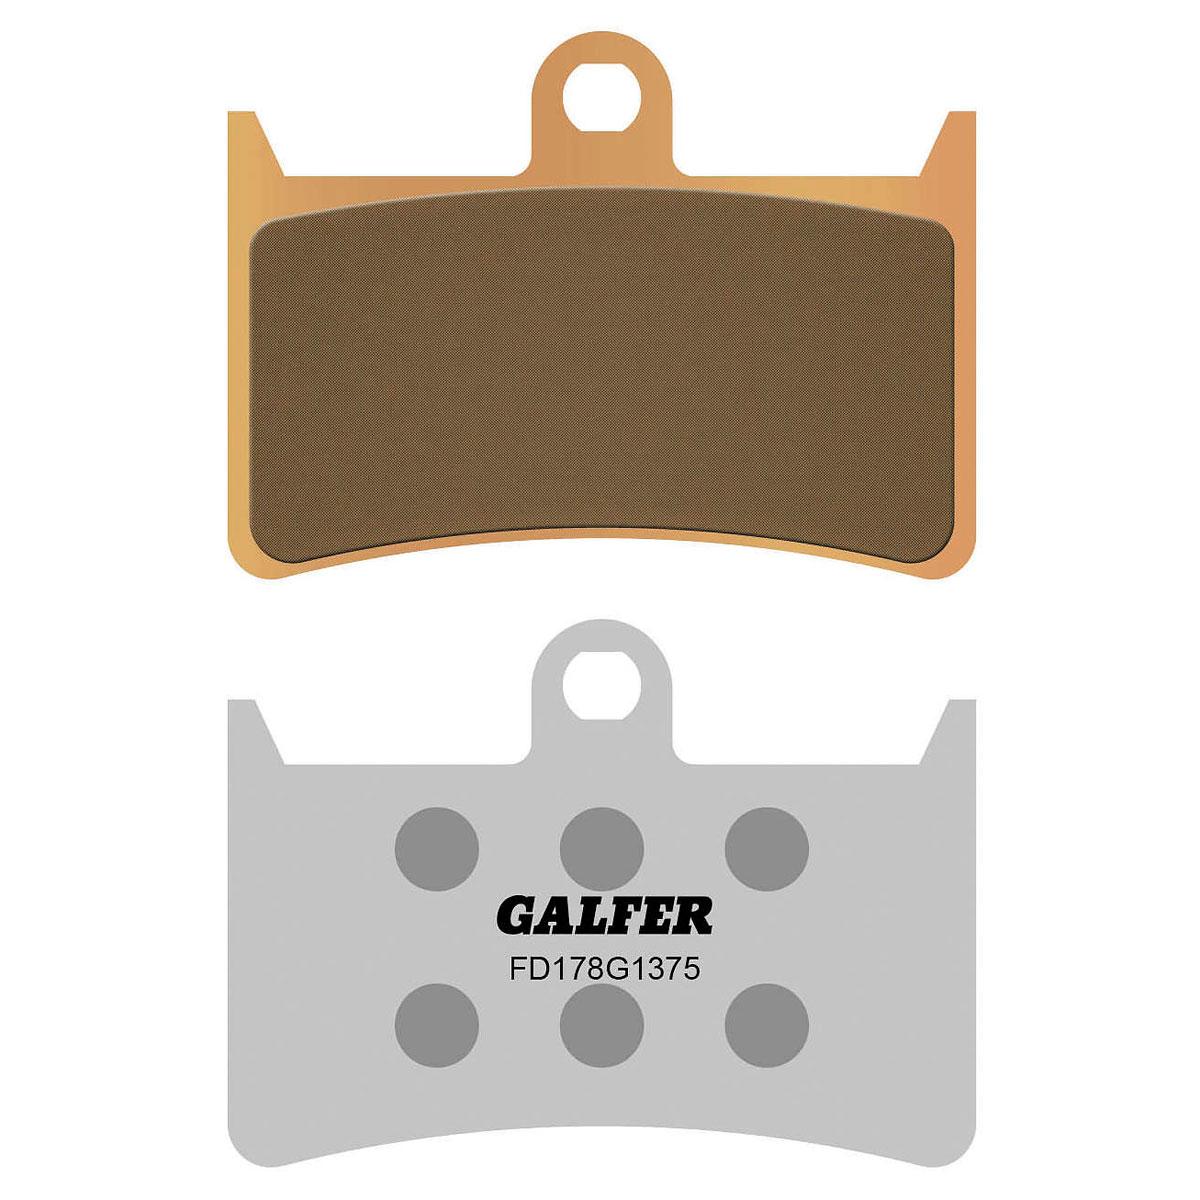 Galfer USA HH Sintered Ceramic Front Brake Pads